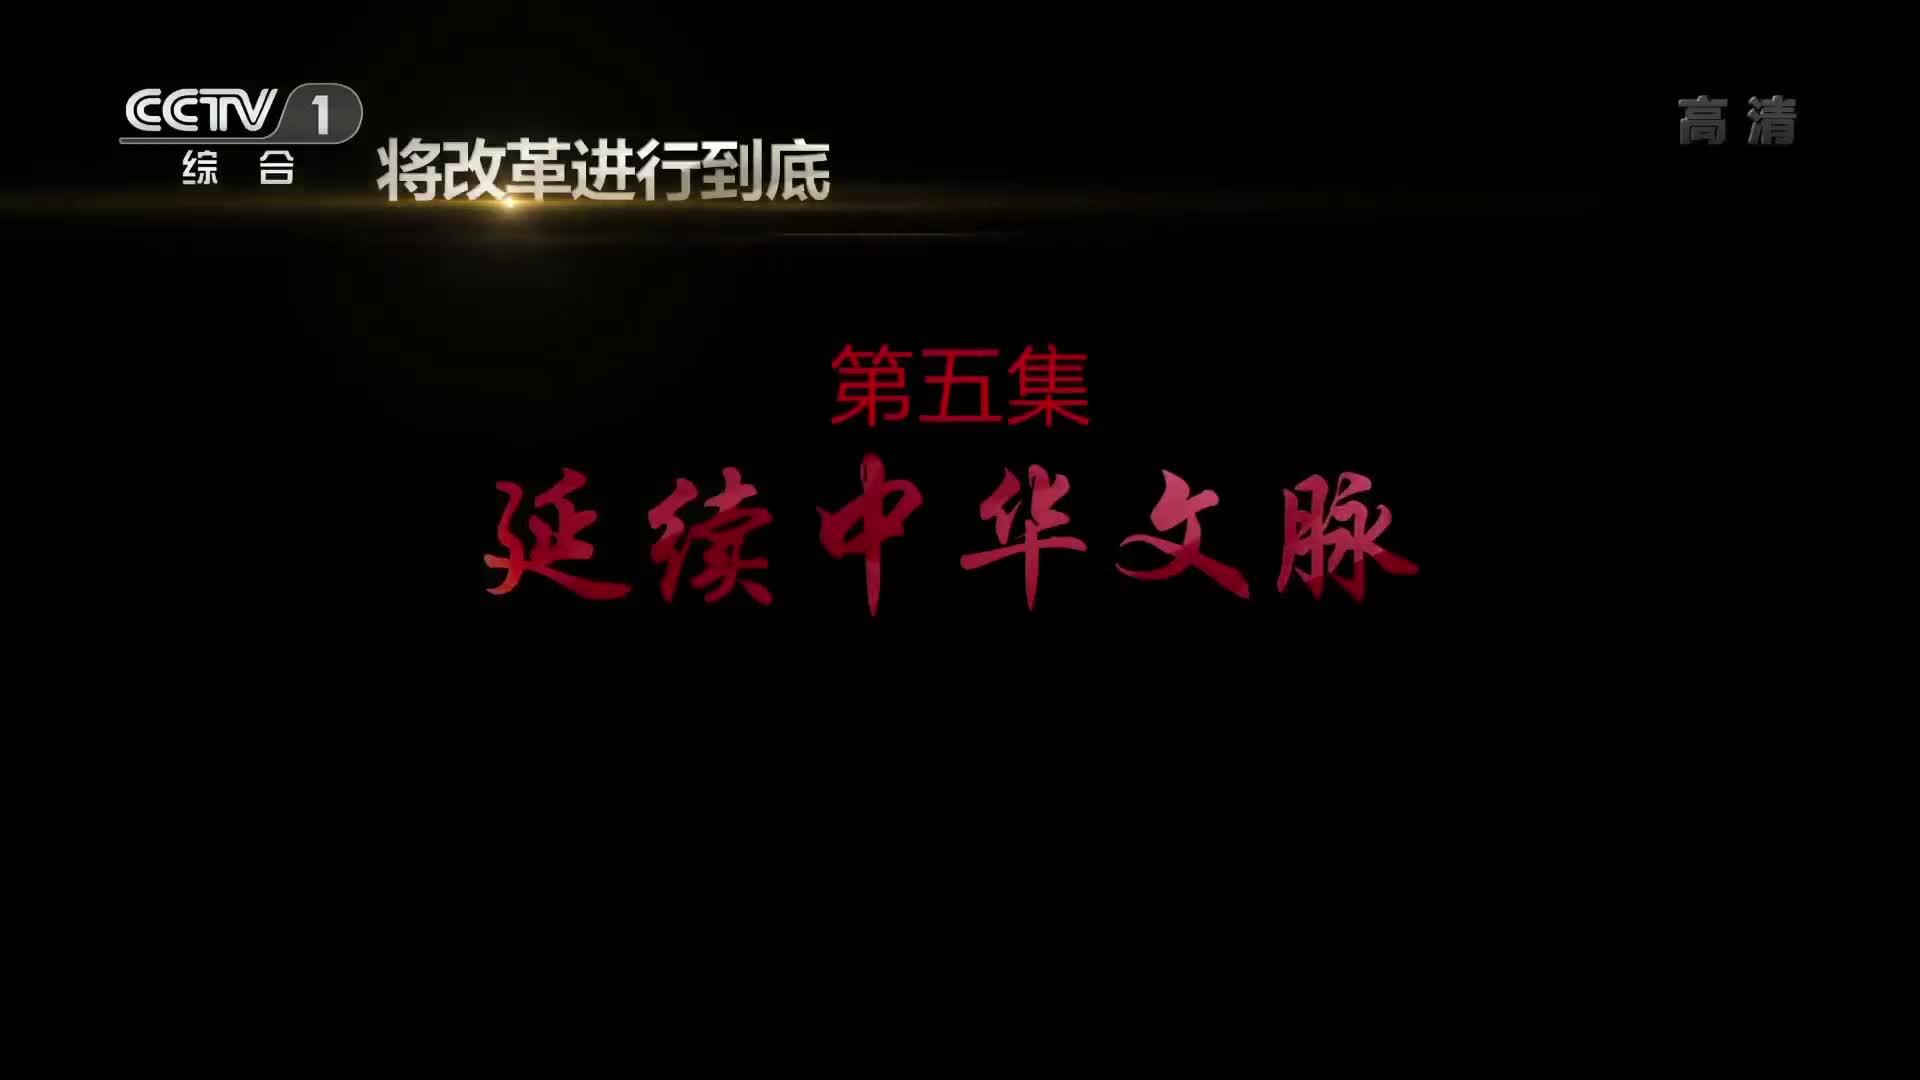 《将改革进行到底》 第五集  延续中华文脉